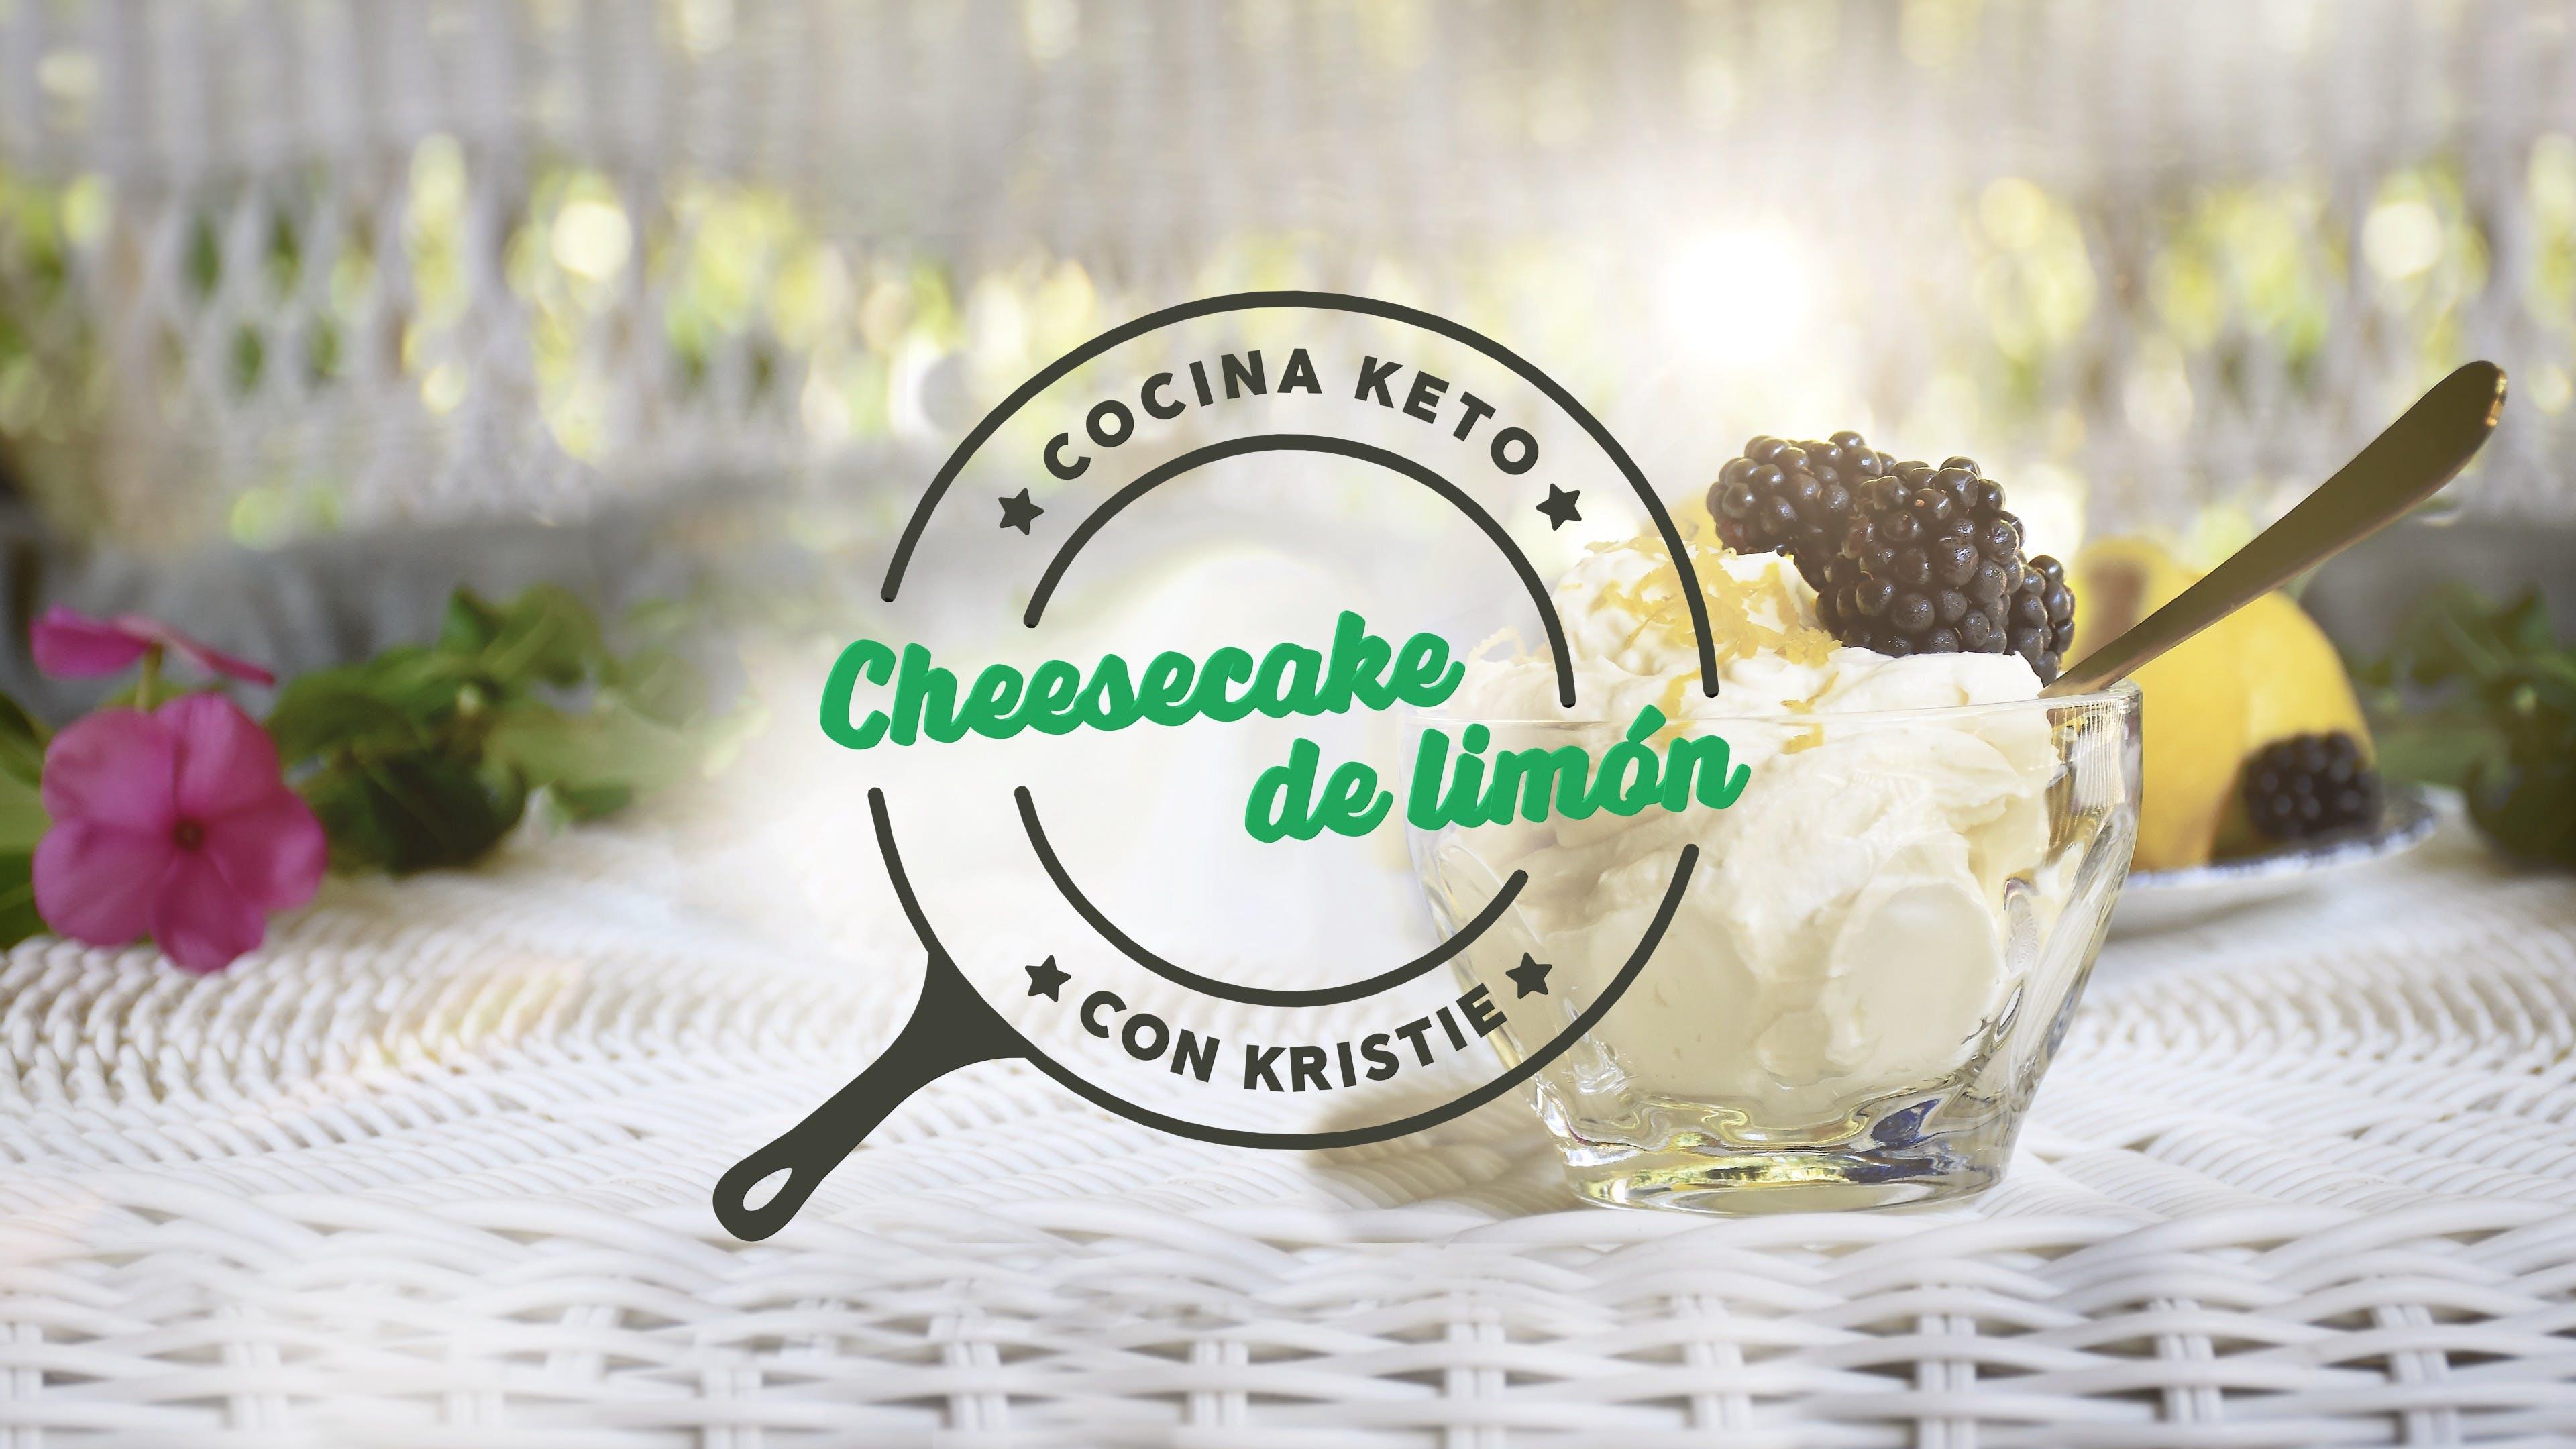 Cocina keto con Kristie - Cheesecake de limón